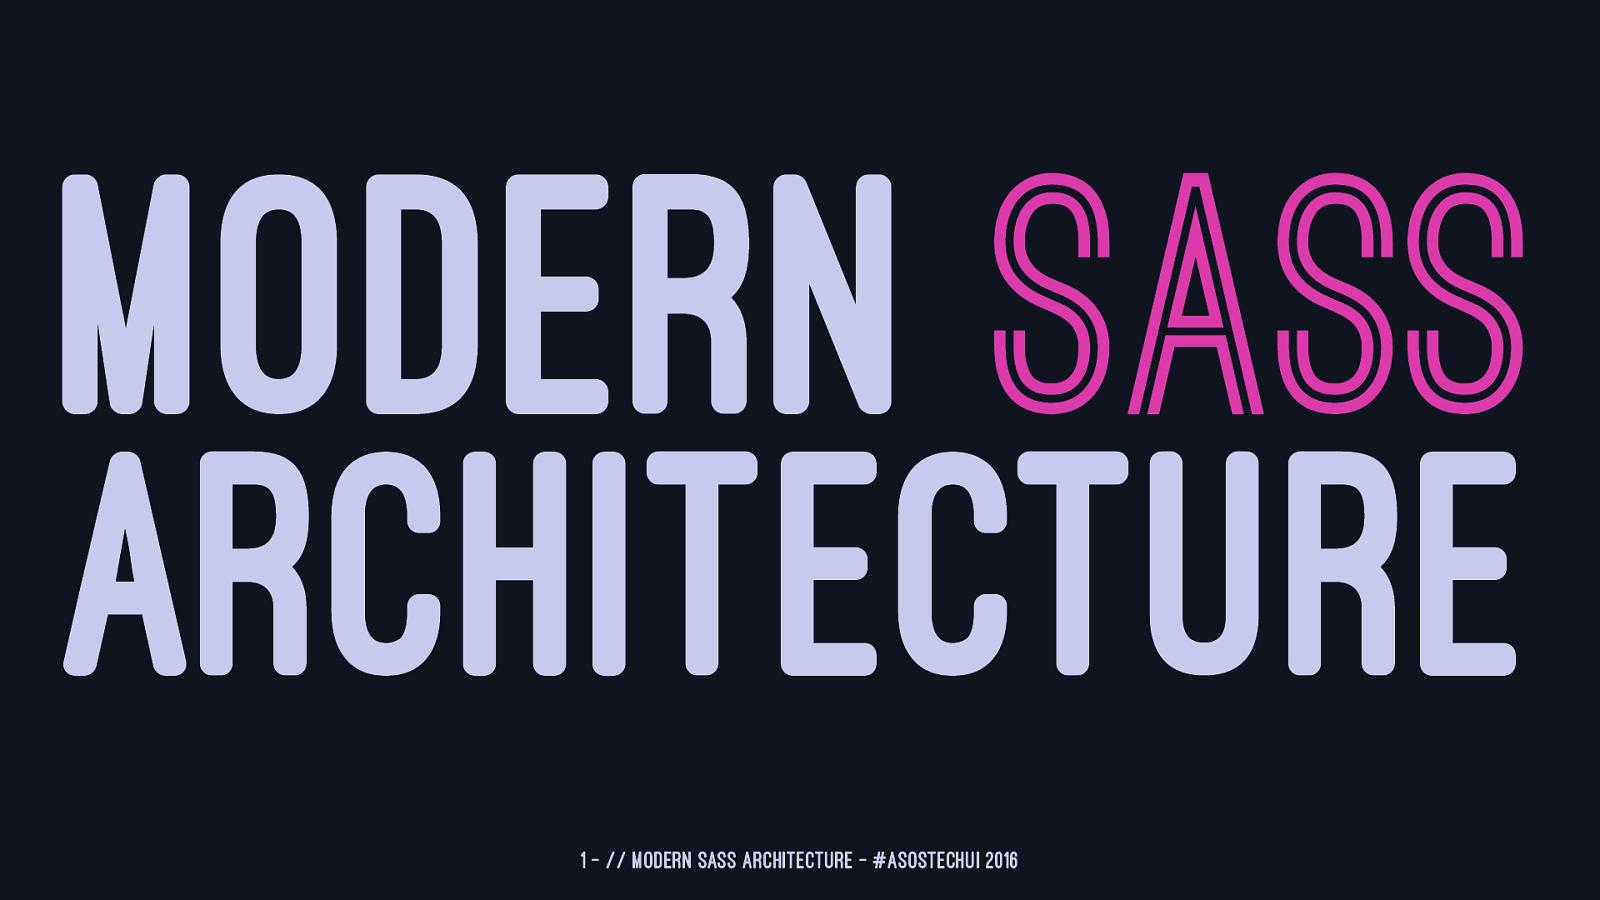 A Modern Sass Architecture